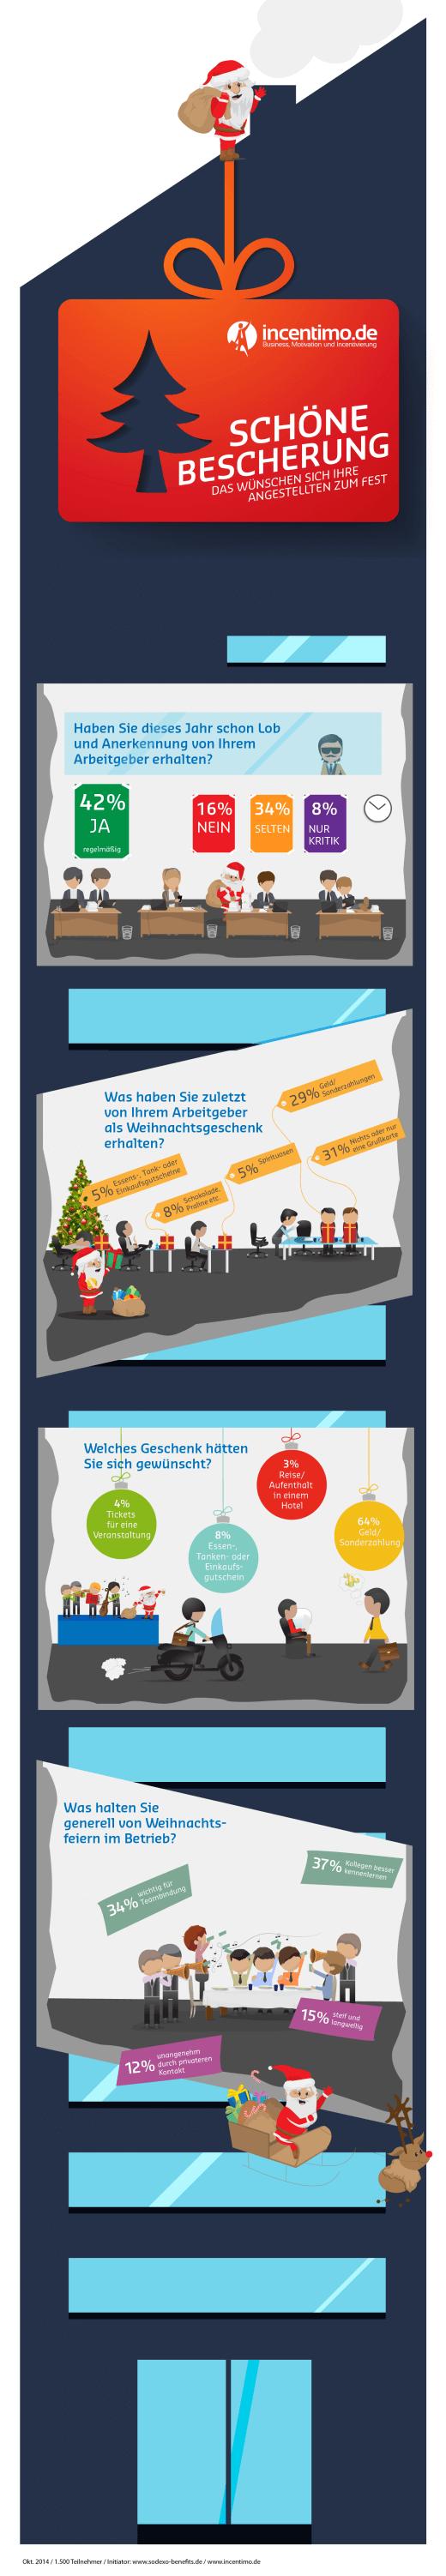 Weihnachten: So beschenken Sie Ihre Mitarbeiter richtig! [Infografik]